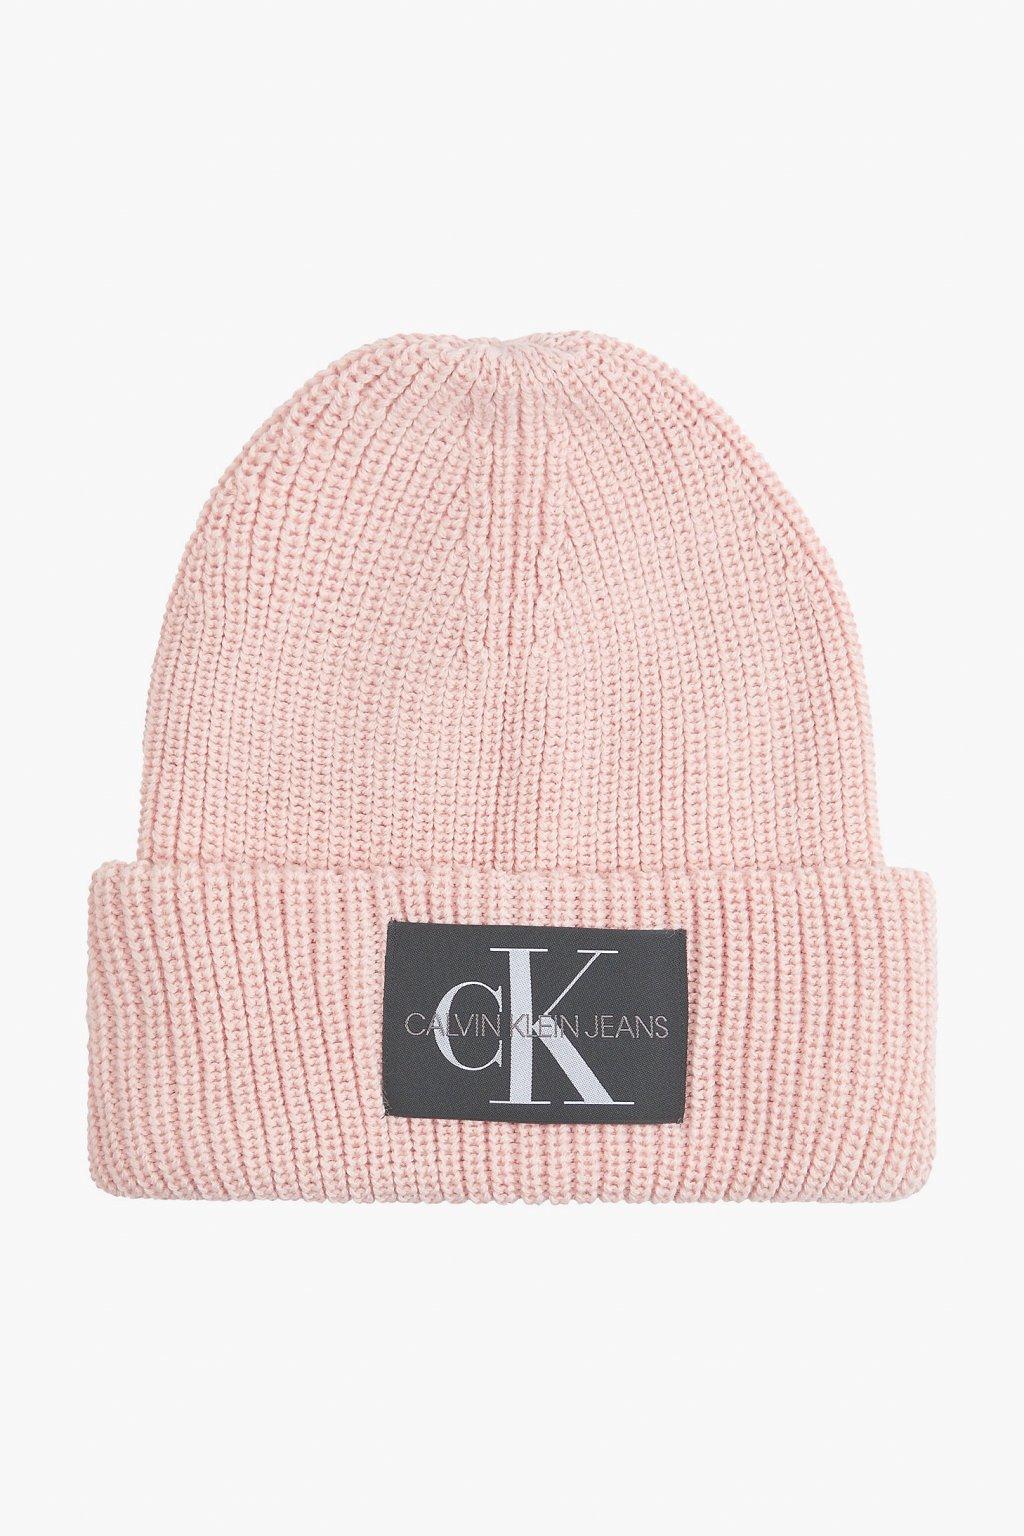 Calvin Klein Jeans čepice dámská- růžová